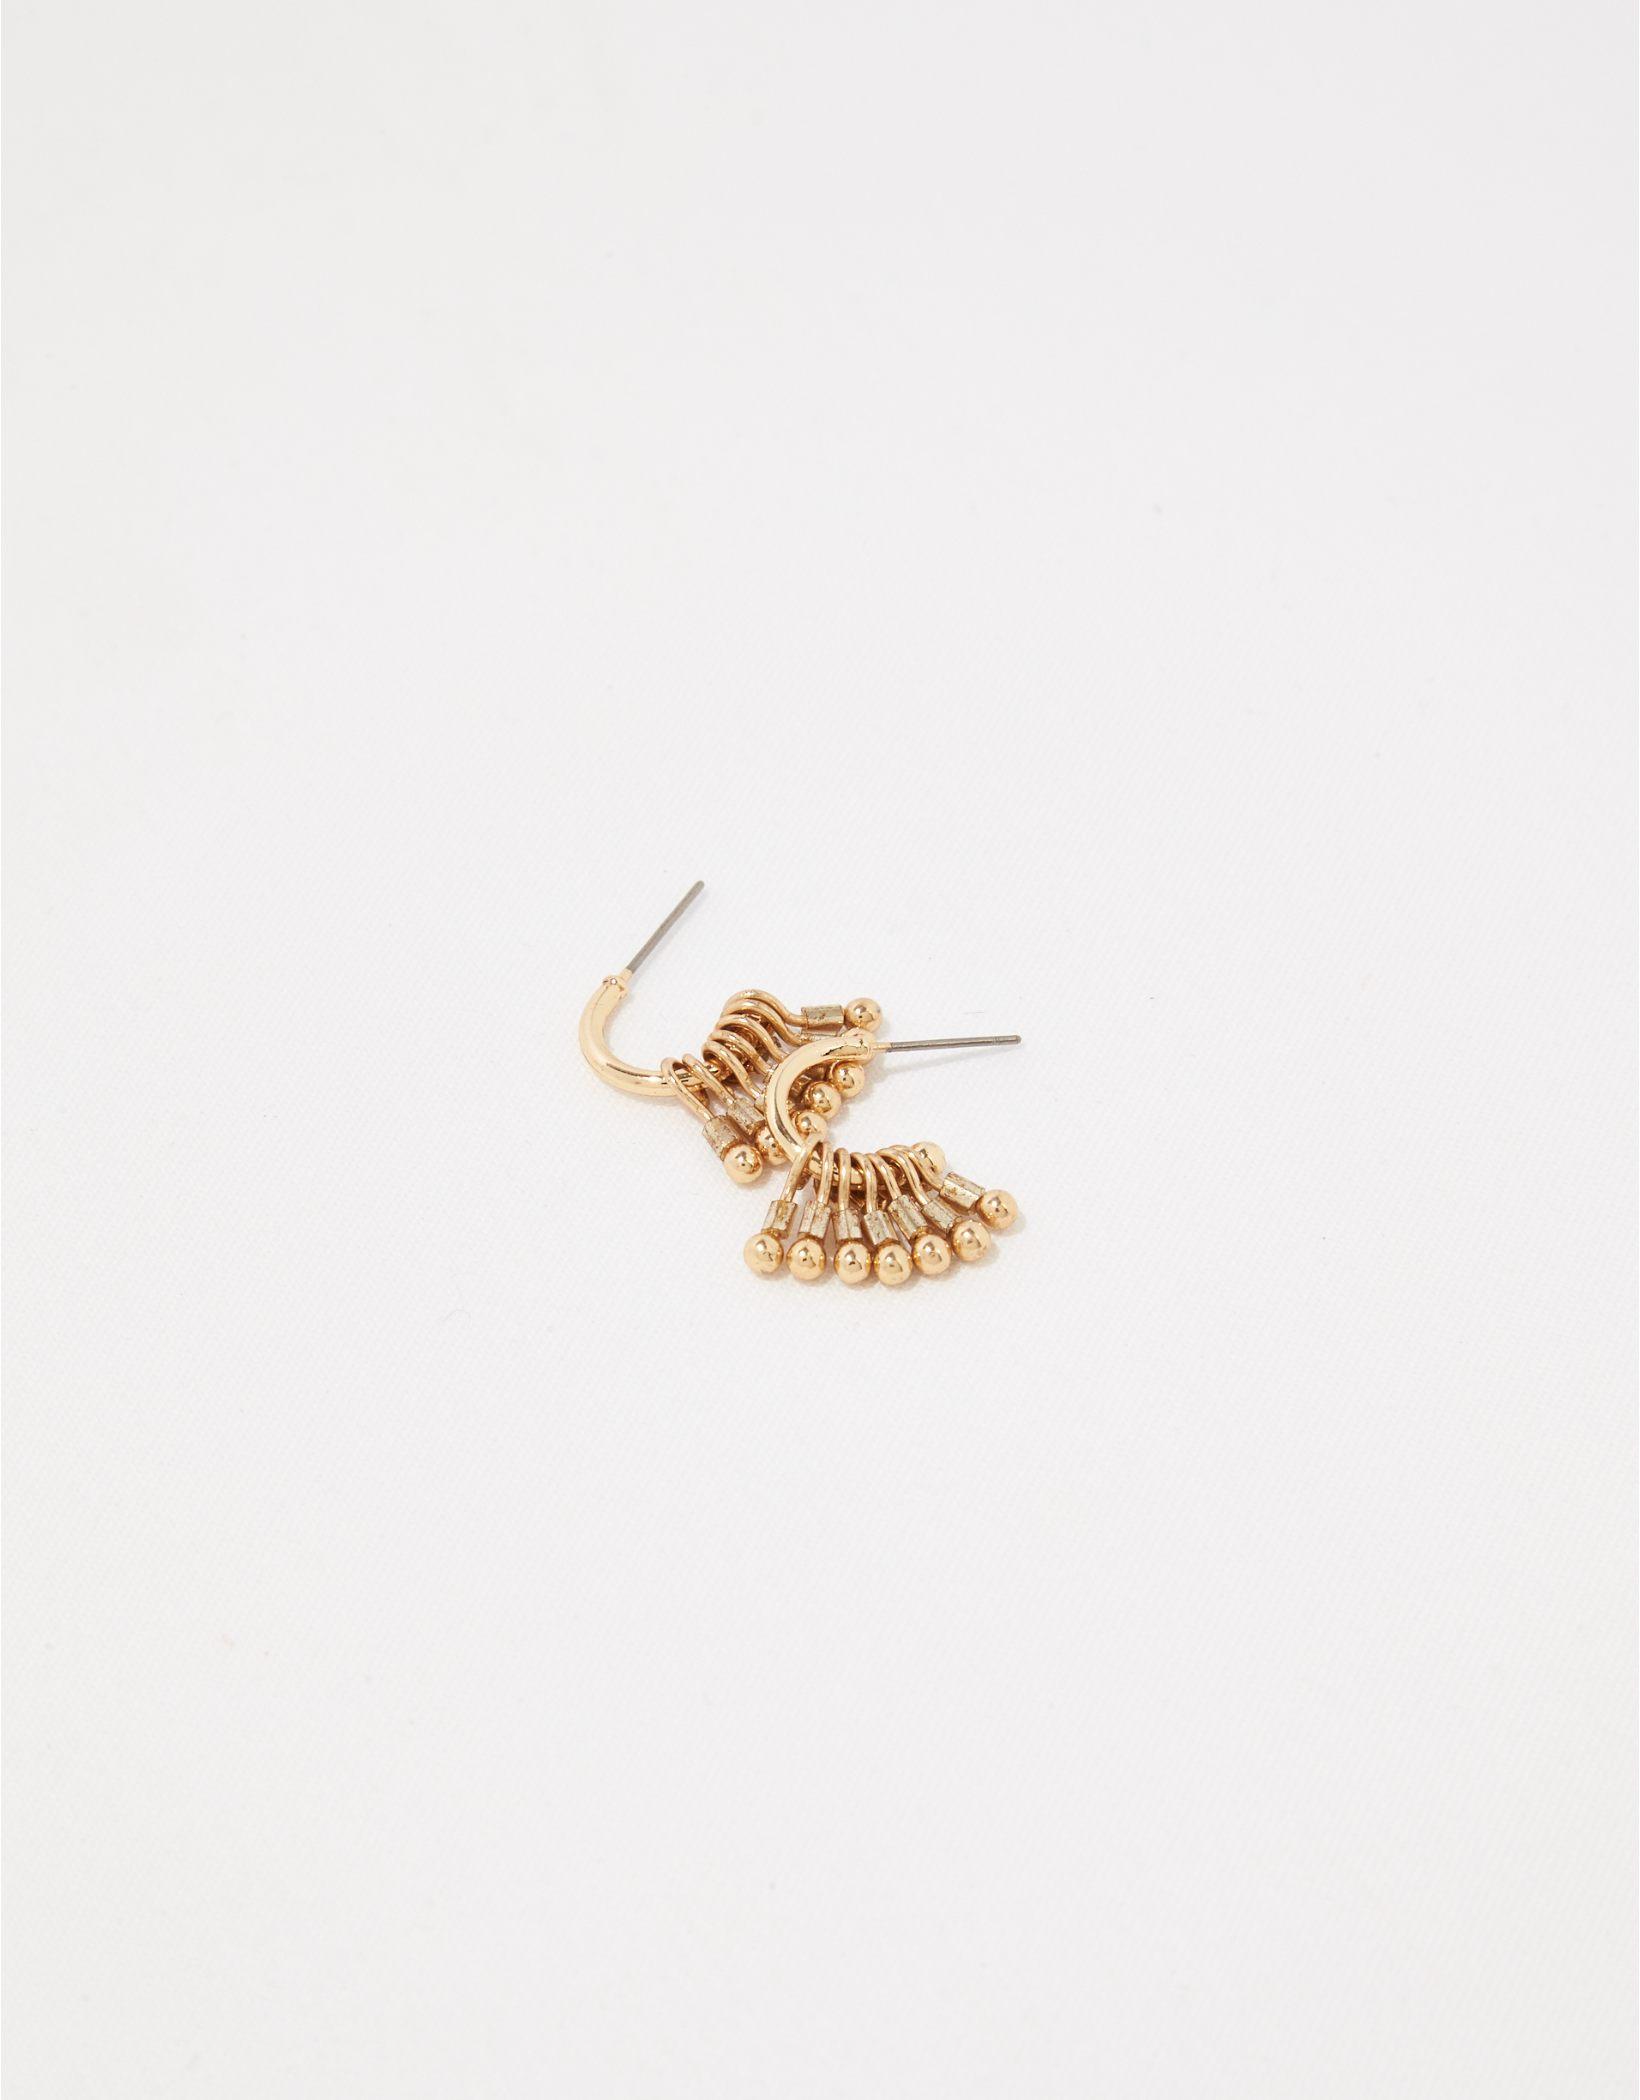 Aerie Tassel Hoop Earrings